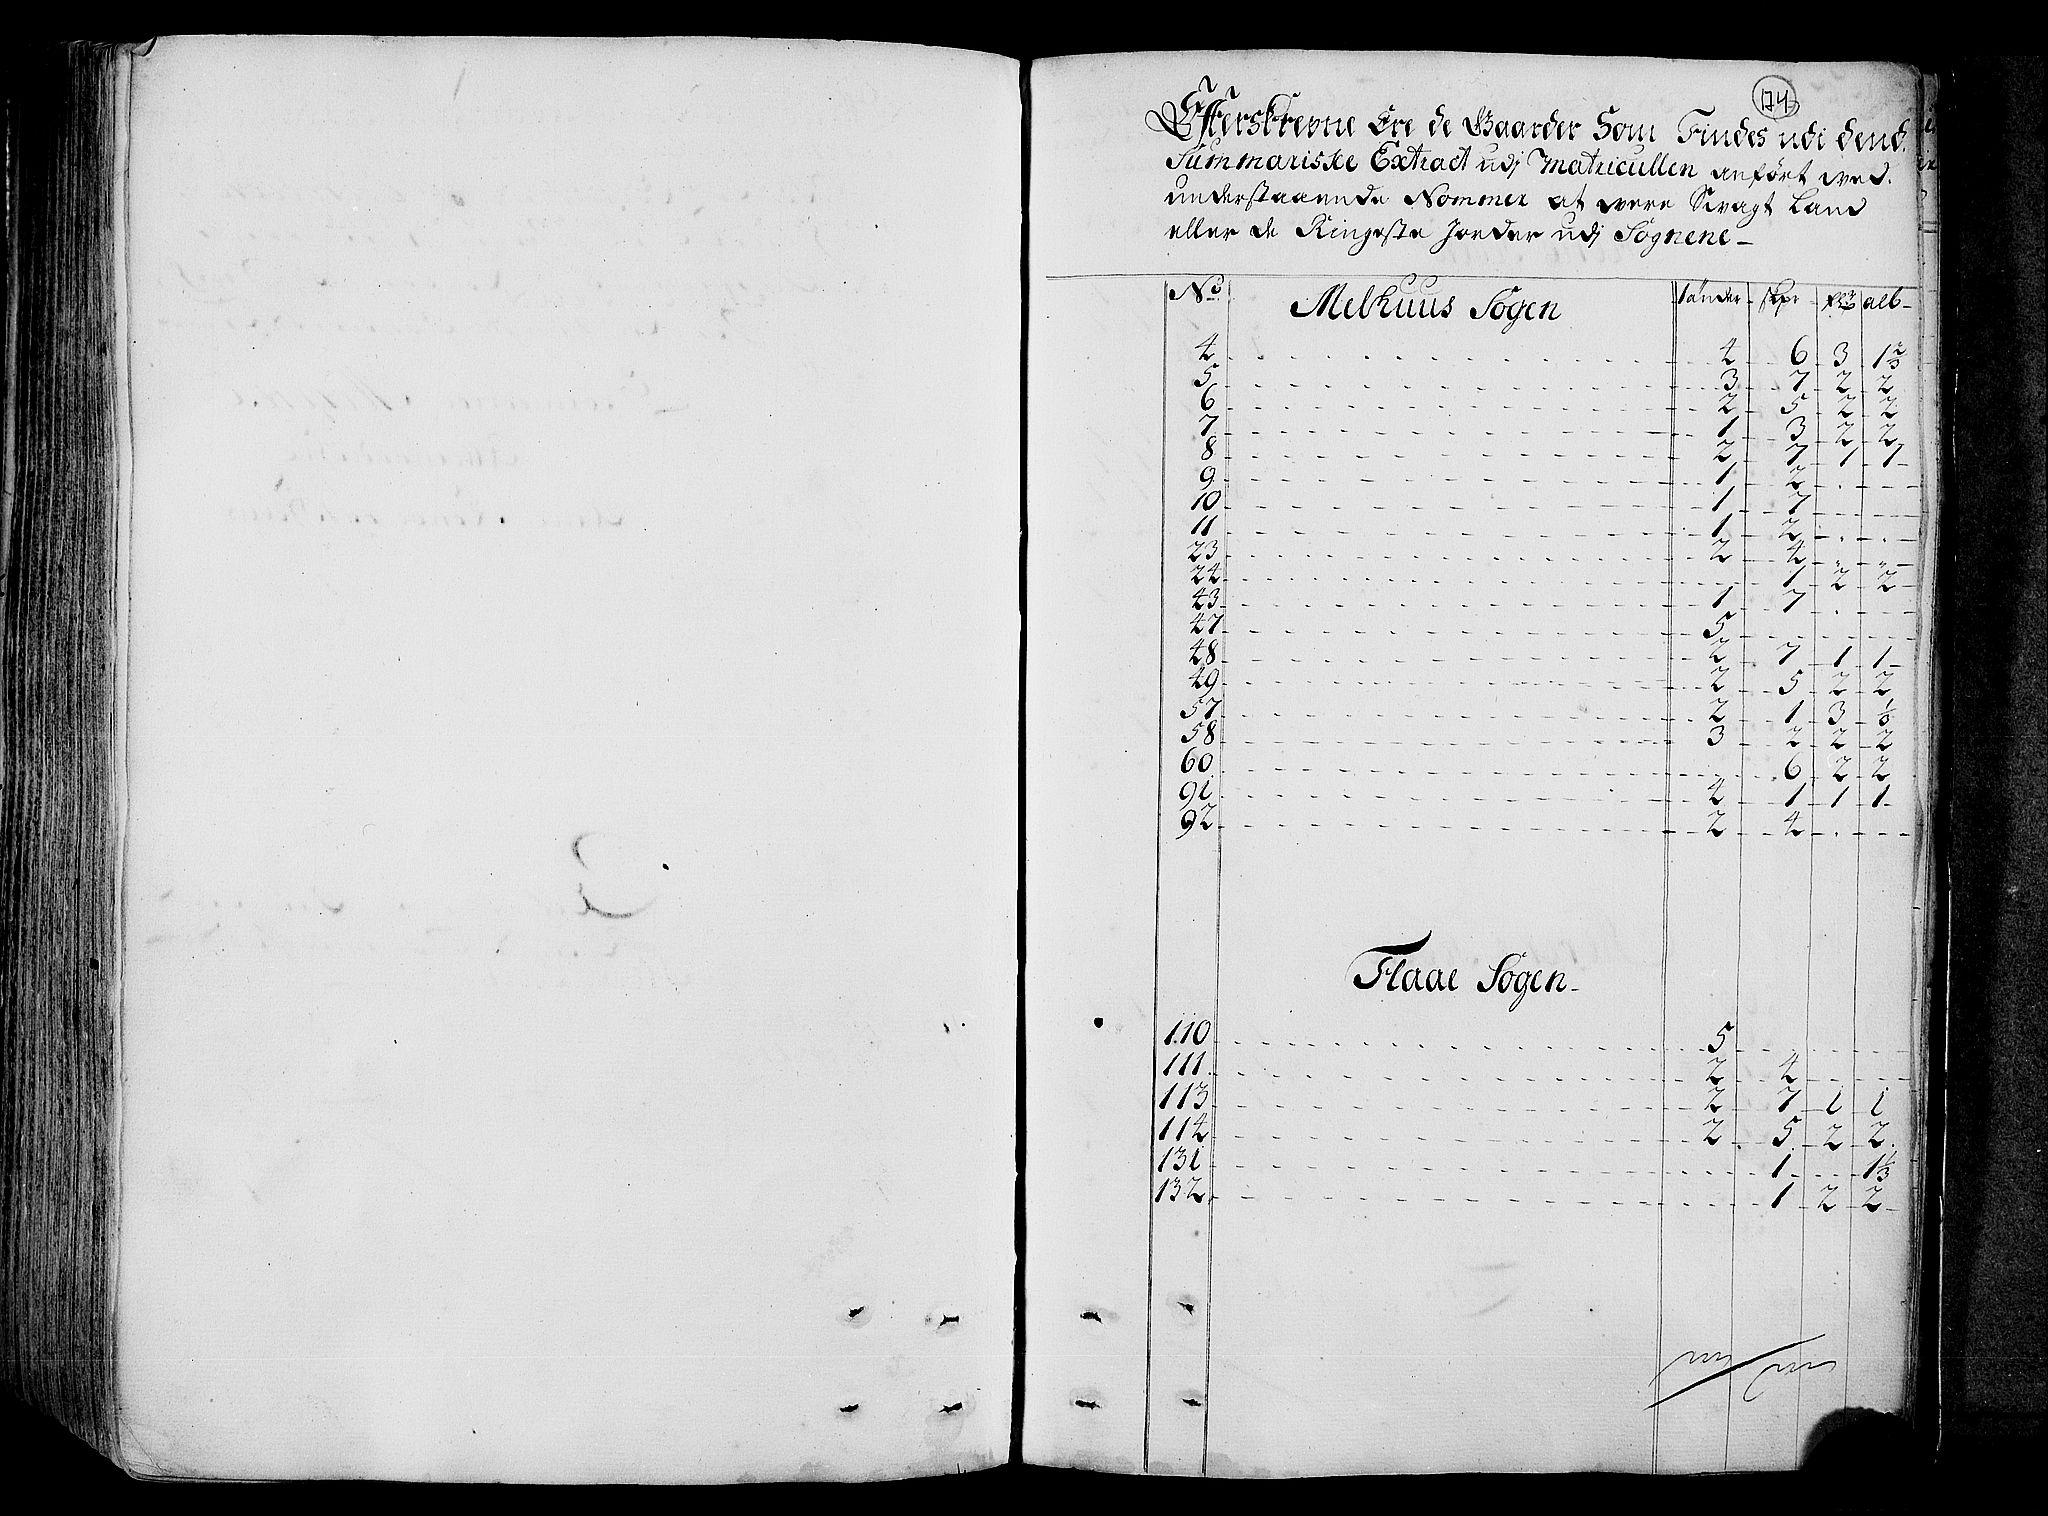 RA, Rentekammeret inntil 1814, Realistisk ordnet avdeling, N/Nb/Nbf/L0158: Gauldal eksaminasjonsprotokoll, 1723, s. 173b-174a